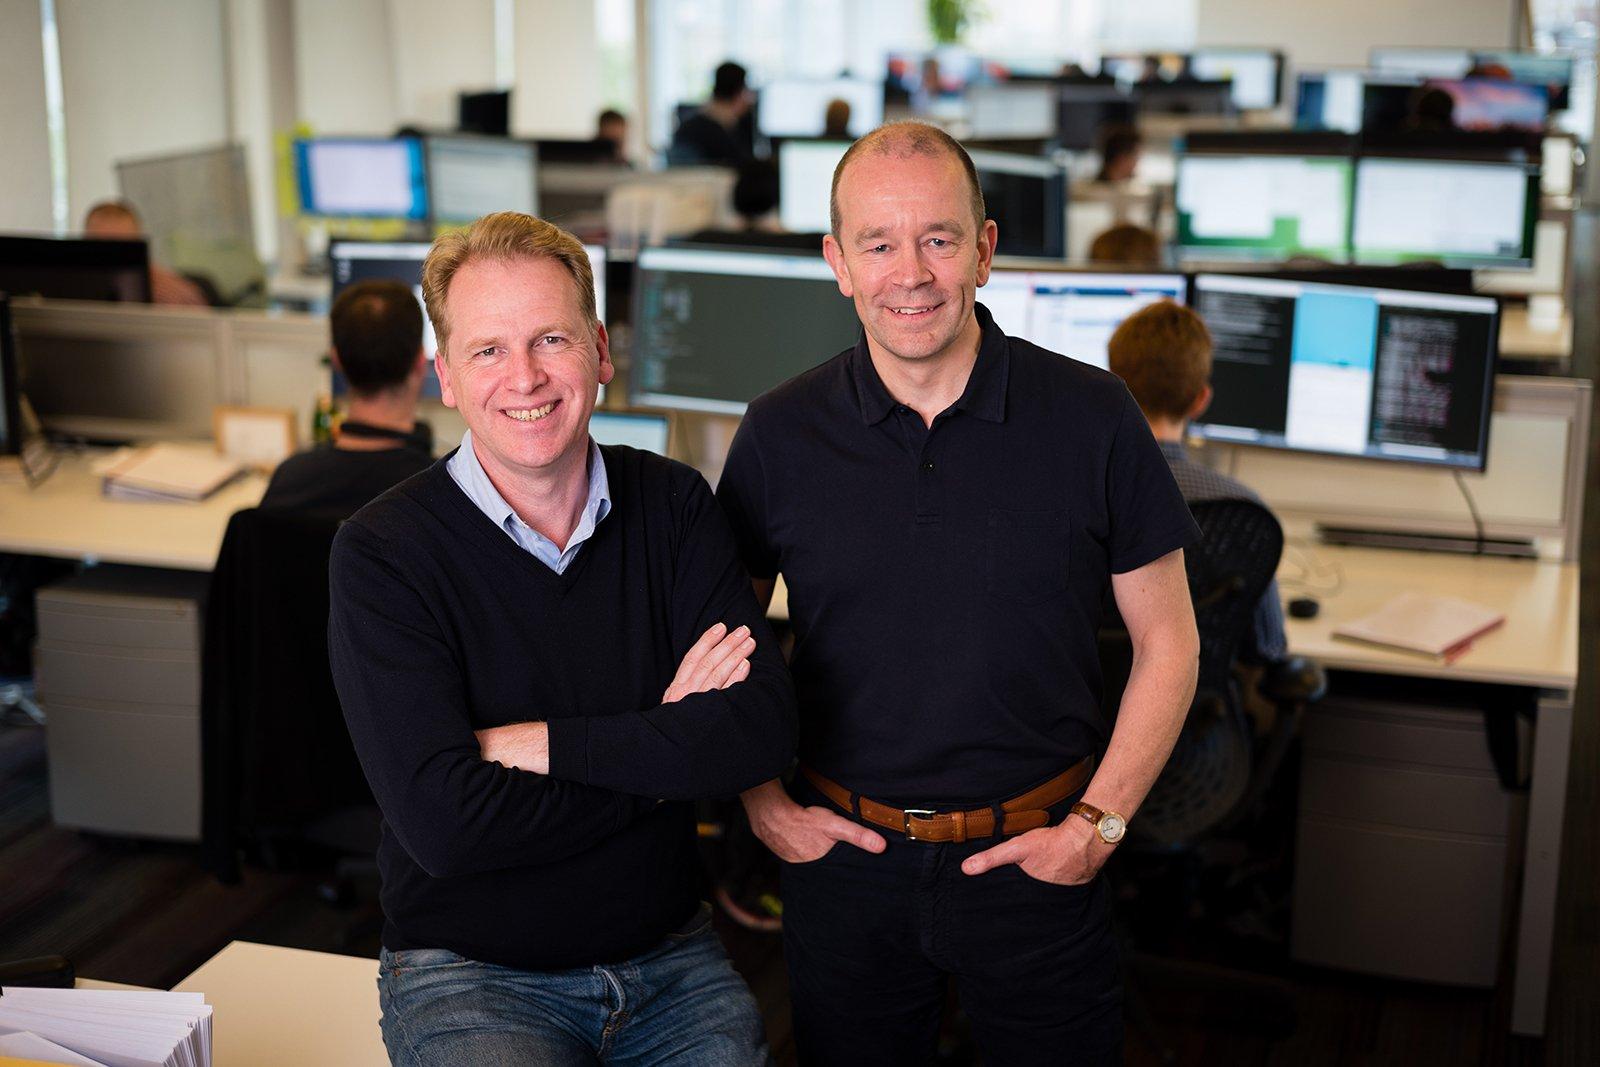 Nigel_Toon_CEO_Simon_Knowles_CTO_Graphcore_20